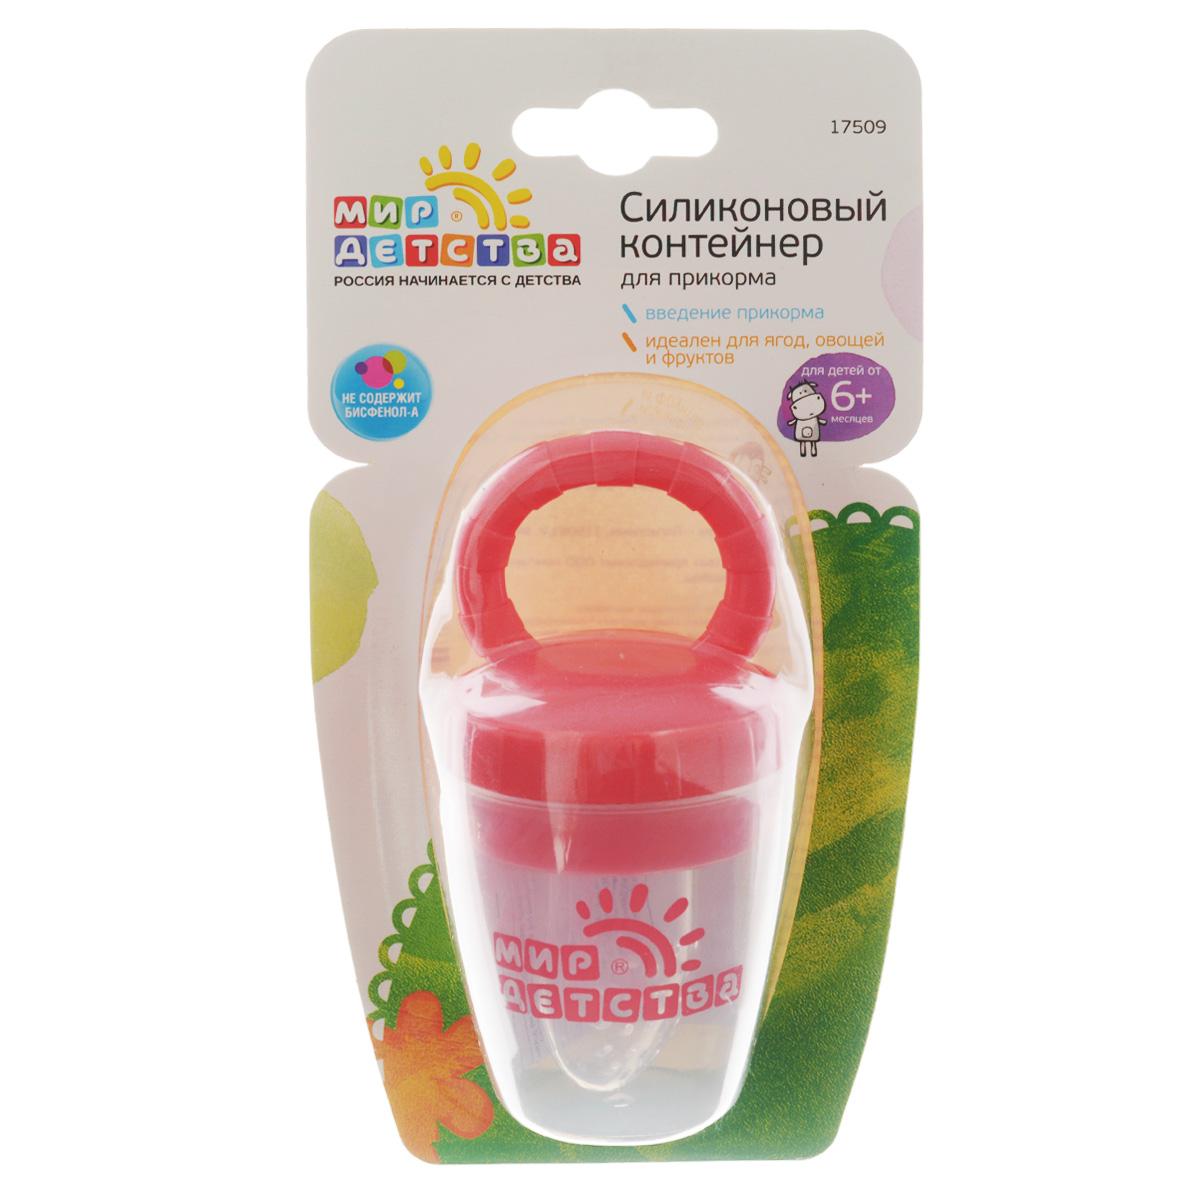 Силиконовый контейнер для прикорма  Мир детства , цвет: розовый. 17509 -  Все для детского кормления